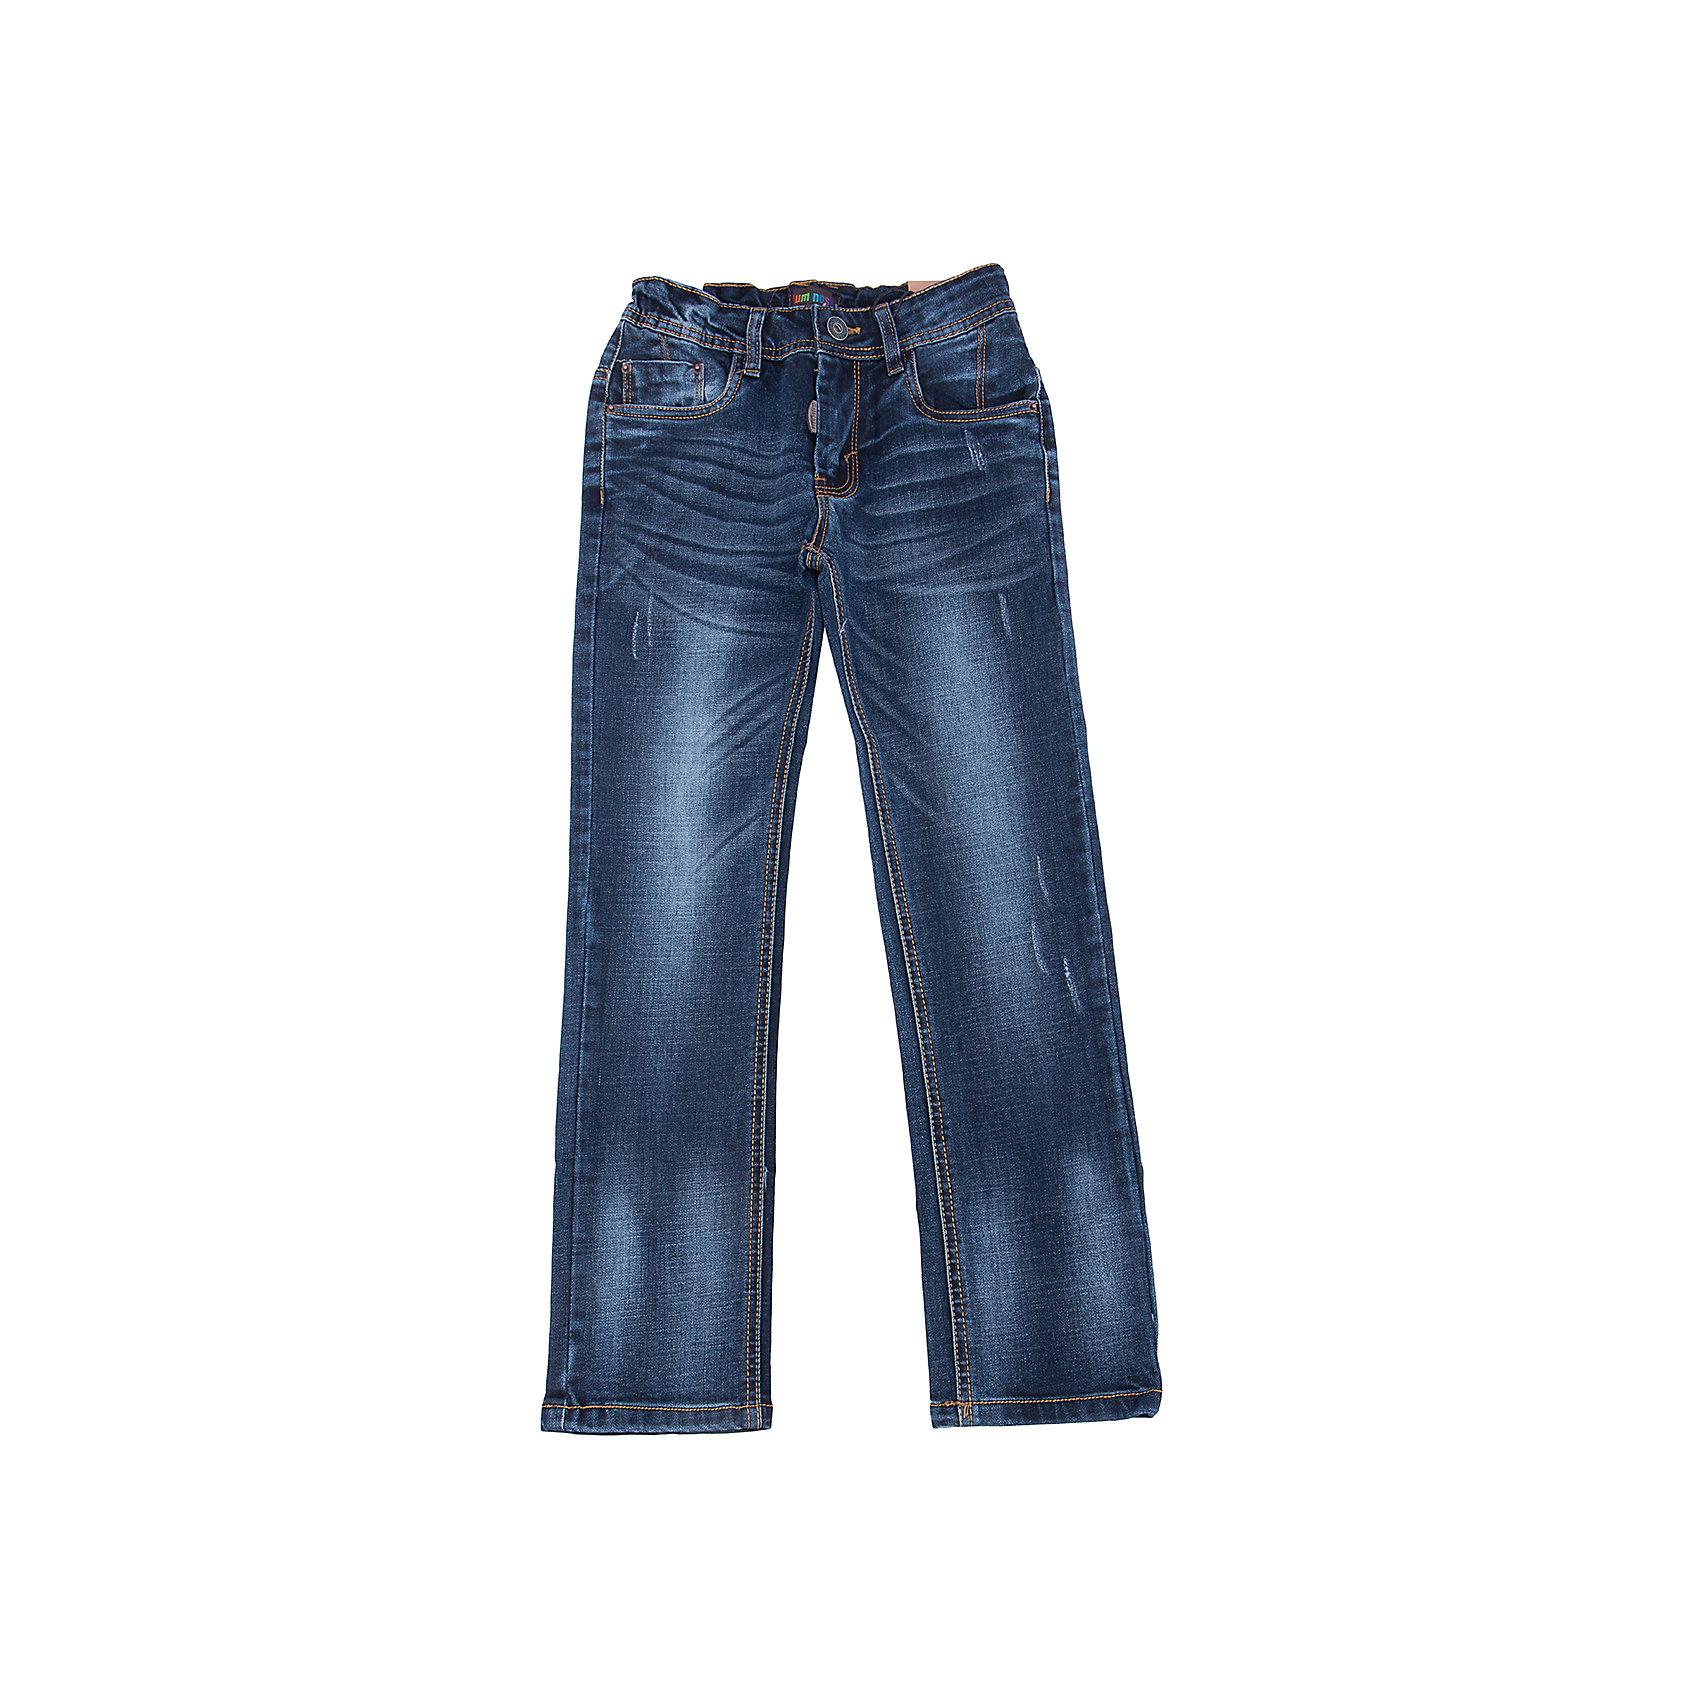 Джинсы для мальчика LuminosoДжинсовая одежда<br>Характеристики товара:<br><br>- цвет: синий;<br>- материал: 98% хлопок, 2% эластан;<br>- застежка: пуговица и молния;<br>- пояс регулируется внутренней резинкой на пуговицах;<br>- эффект потертостей.<br><br>Стильная одежда от бренда Luminoso (Люминосо), созданная при участии итальянских дизайнеров, учитывает потребности подростков и последние веяния моды. Она удобная и модная.<br>Эти джинсы выглядят стильно, но при этом подходят для ежедневного ношения. Они хорошо сидят на ребенке, обеспечивают комфорт и отлично сочетаются с одежной разных стилей. Модель отличается высоким качеством материала и продуманным дизайном. Натуральный хлопок в составе изделия делает его дышащим, приятным на ощупь и гипоаллергеным.<br><br>Джинсы для мальчика от бренда Luminoso (Люминосо) можно купить в нашем интернет-магазине.<br><br>Ширина мм: 215<br>Глубина мм: 88<br>Высота мм: 191<br>Вес г: 336<br>Цвет: синий<br>Возраст от месяцев: 120<br>Возраст до месяцев: 132<br>Пол: Мужской<br>Возраст: Детский<br>Размер: 146,164,134,140,152,158<br>SKU: 4930970